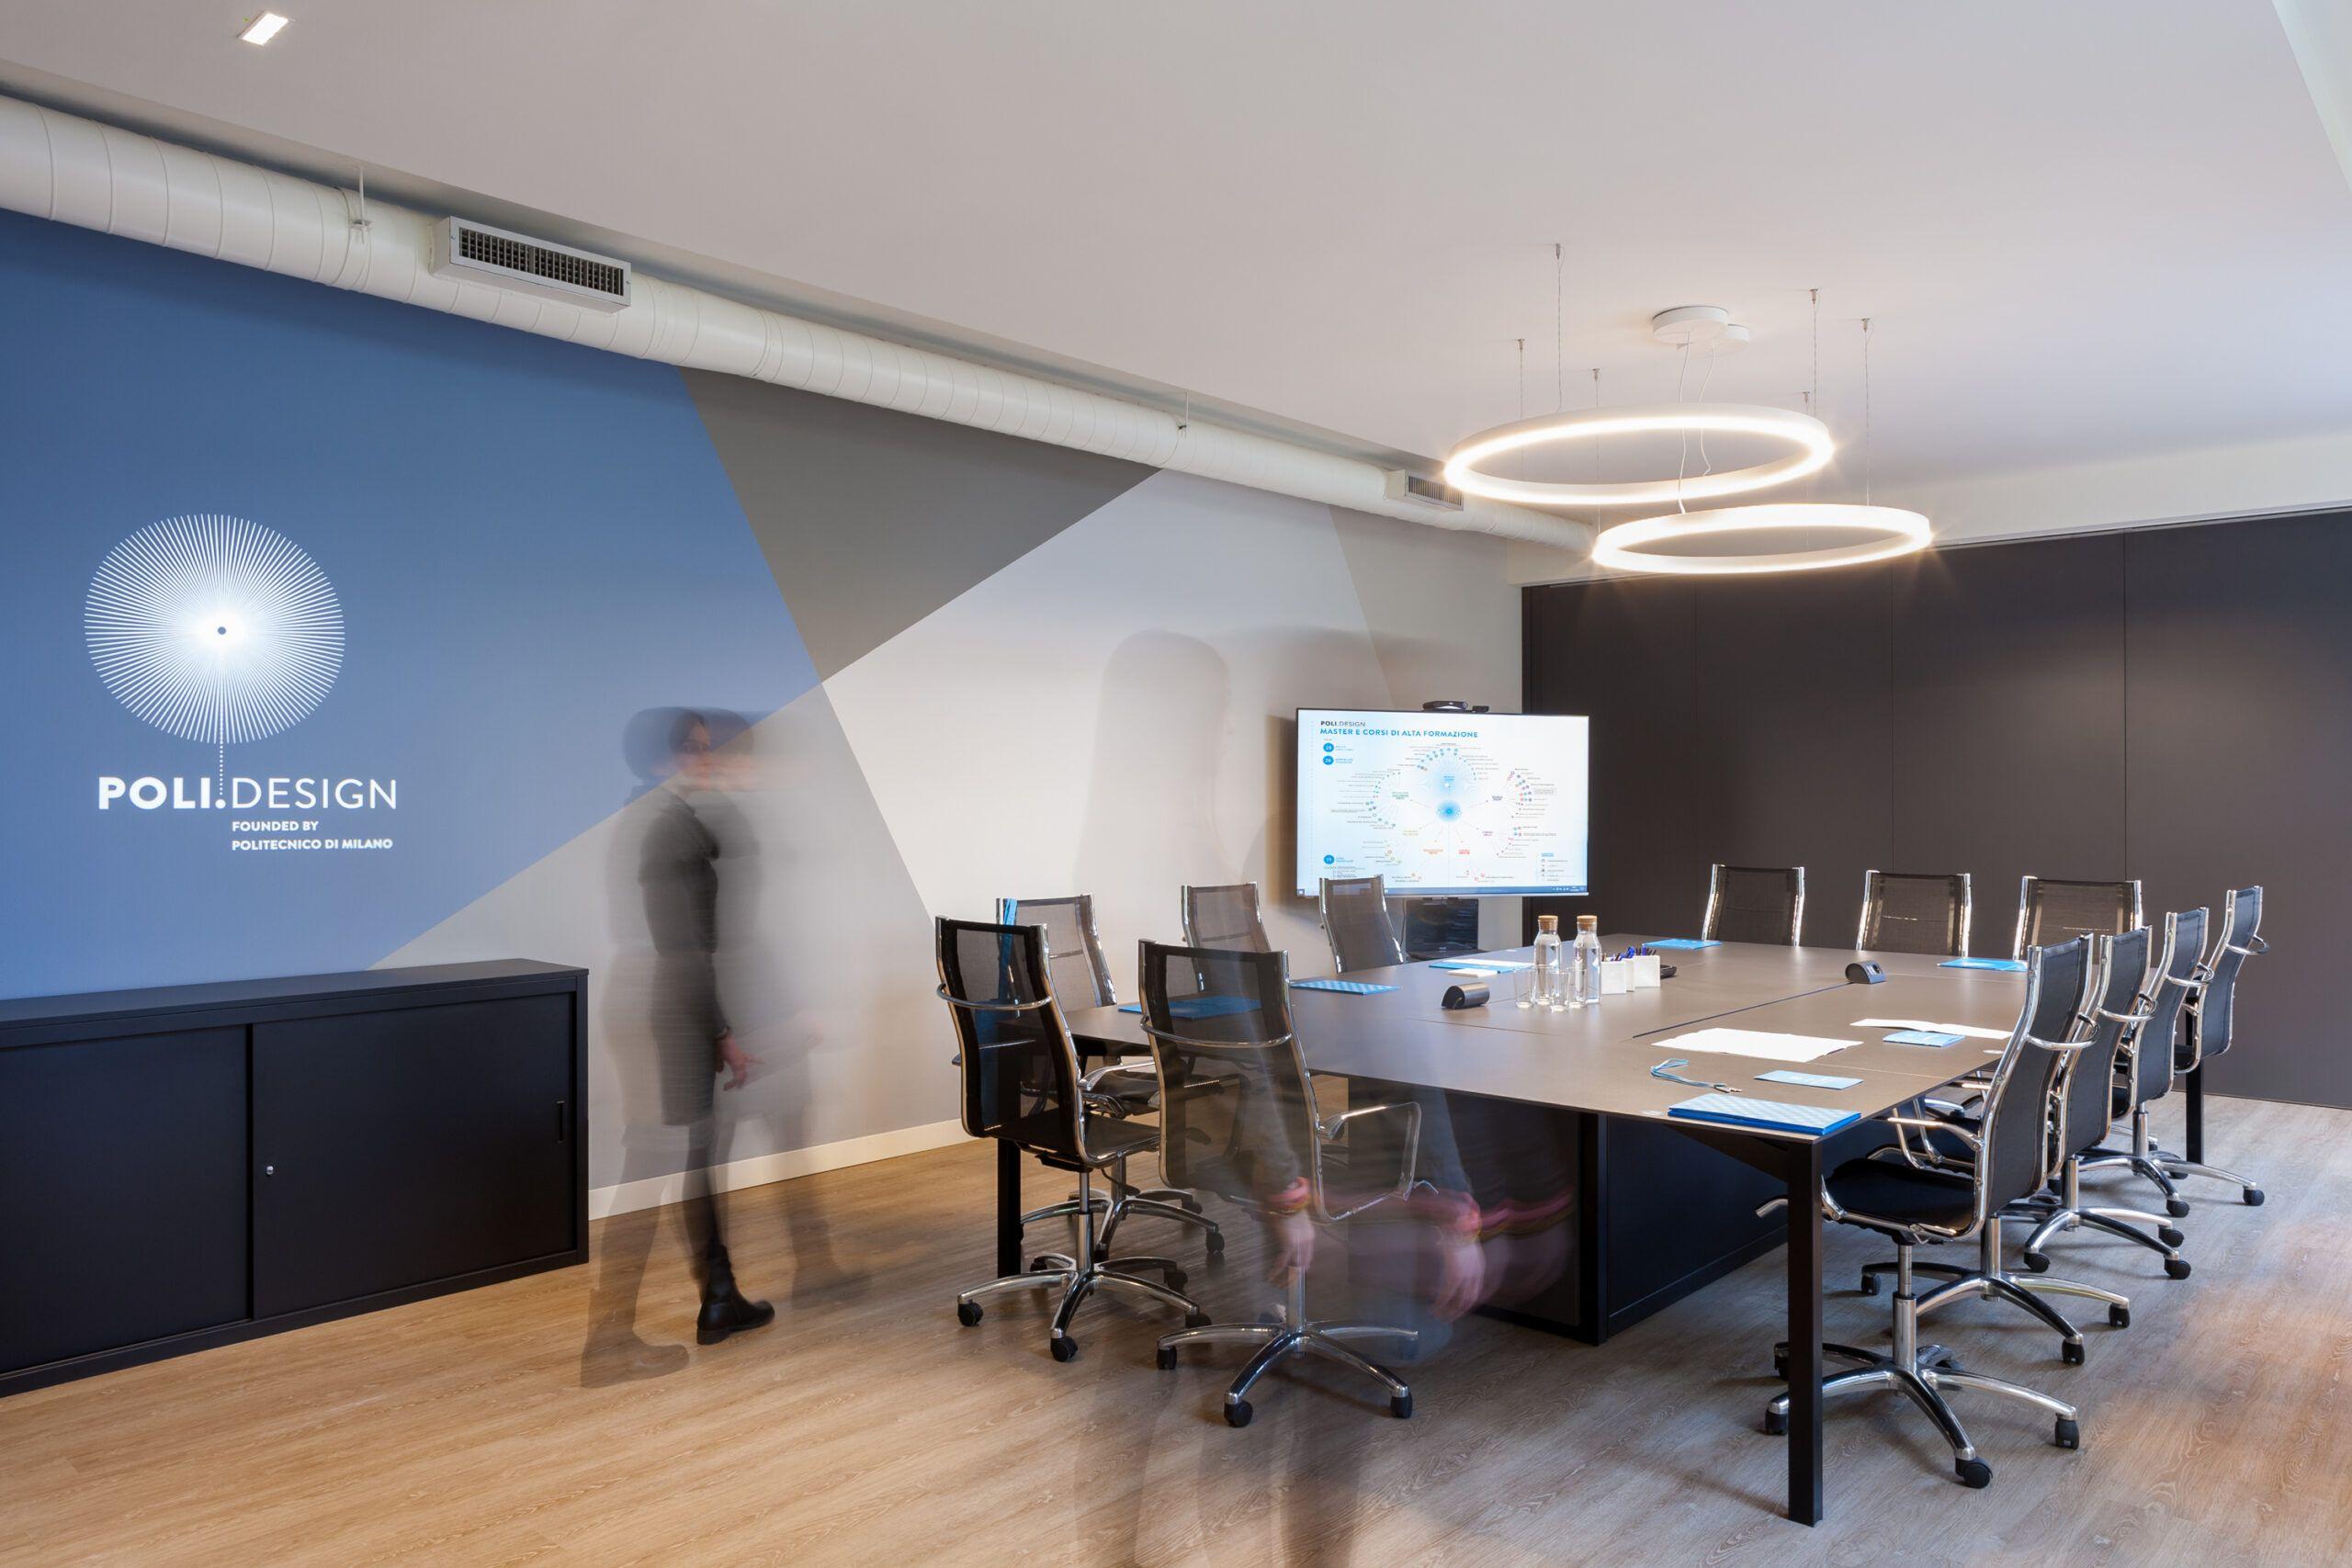 Corso di interior design a bergamo, in aula e online, per. About Poli Design